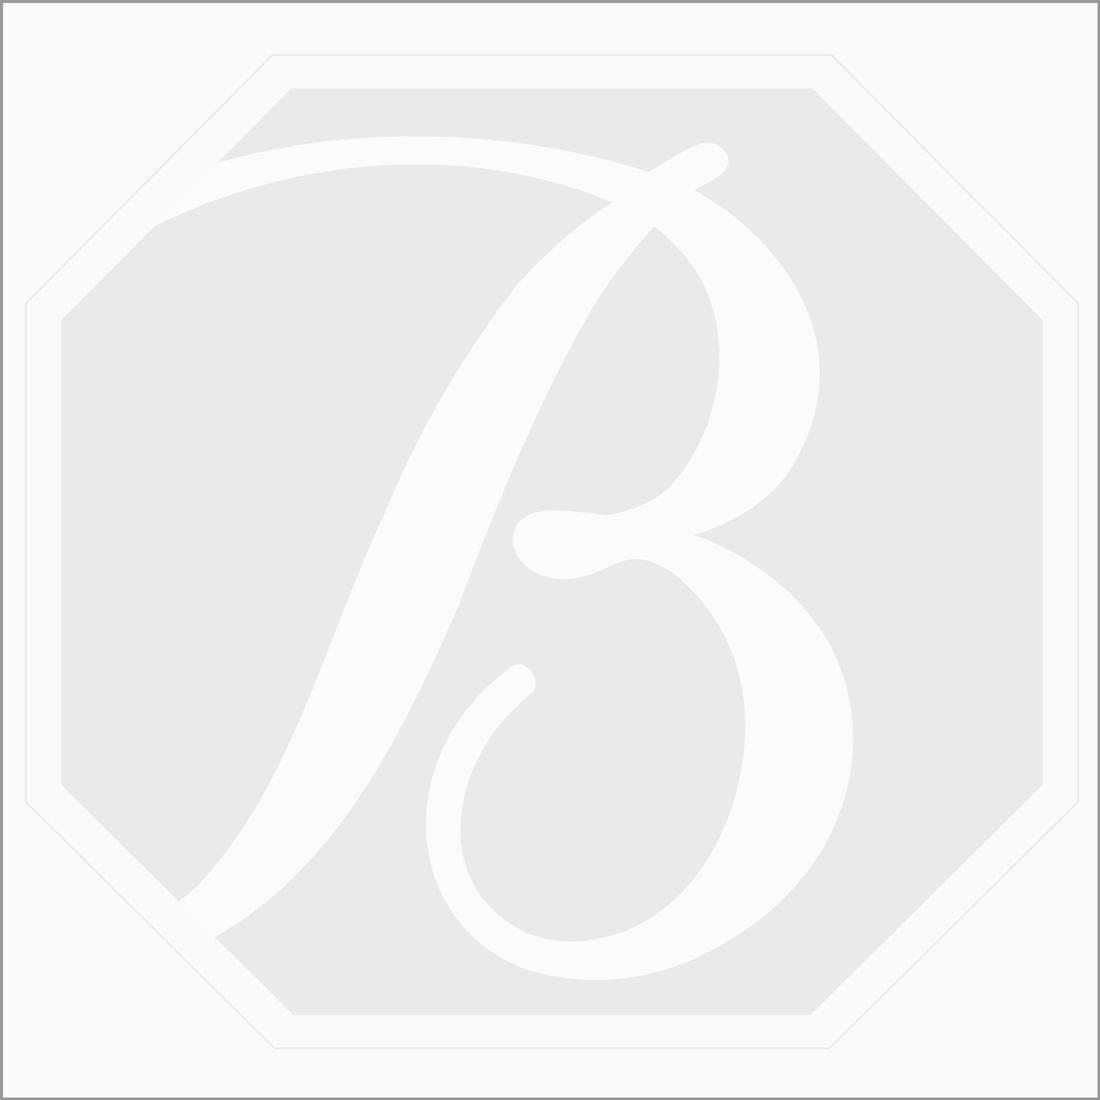 2 pcs - 19.16 ct. - Green Tourmaline Rose Cut -18.5 x 13.2 x 5.4 mm to 18.6 x 13.7 x 4.7 mm (TRC1111)